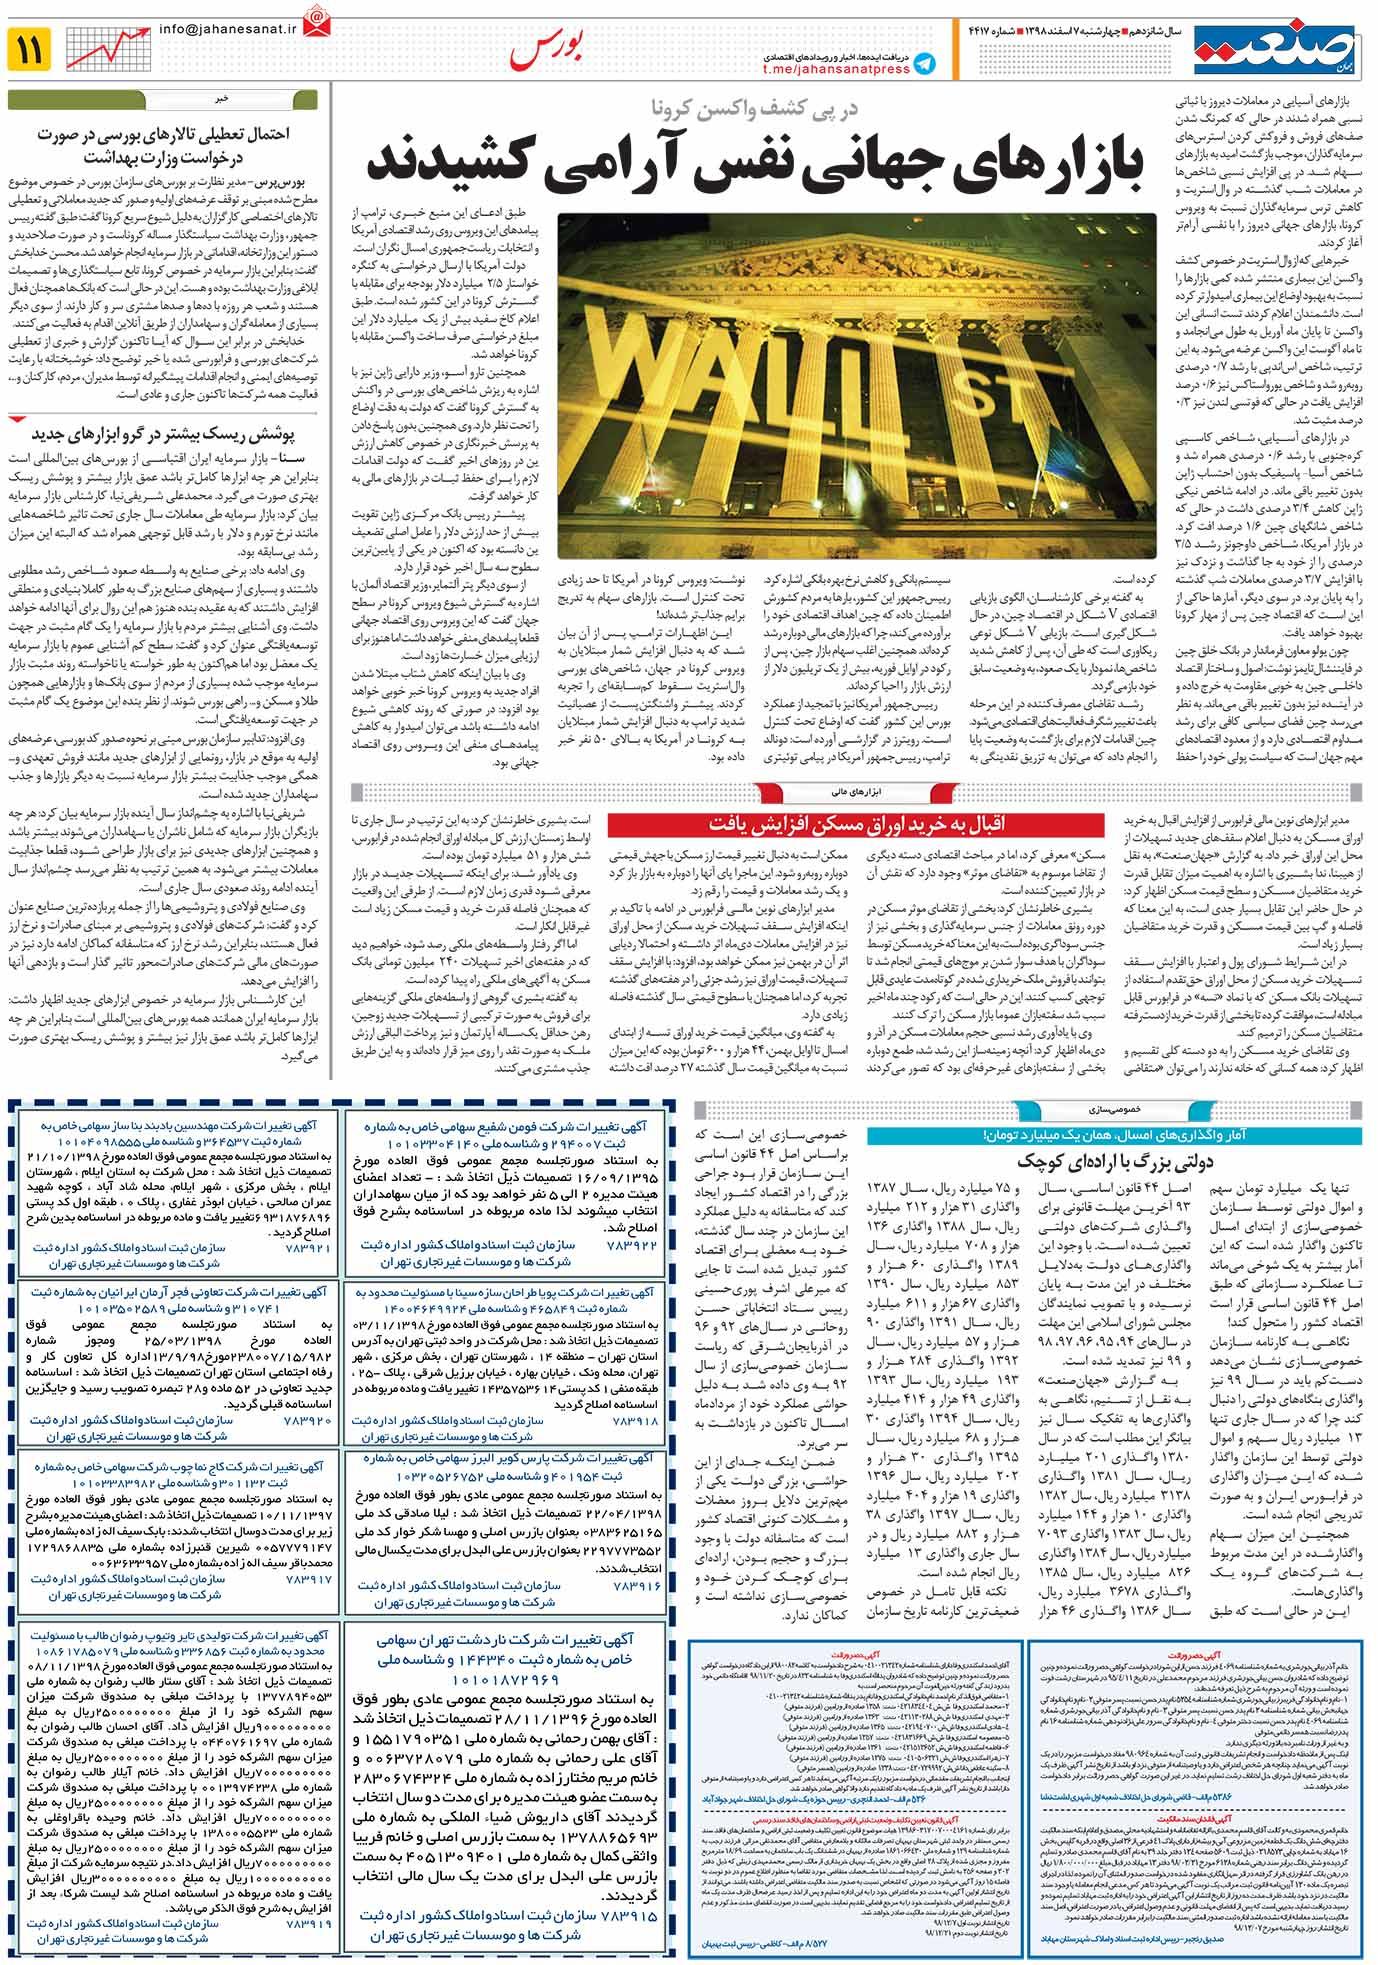 صفحه ۱۱- ۰۷ اسفند ۱۳۹۸